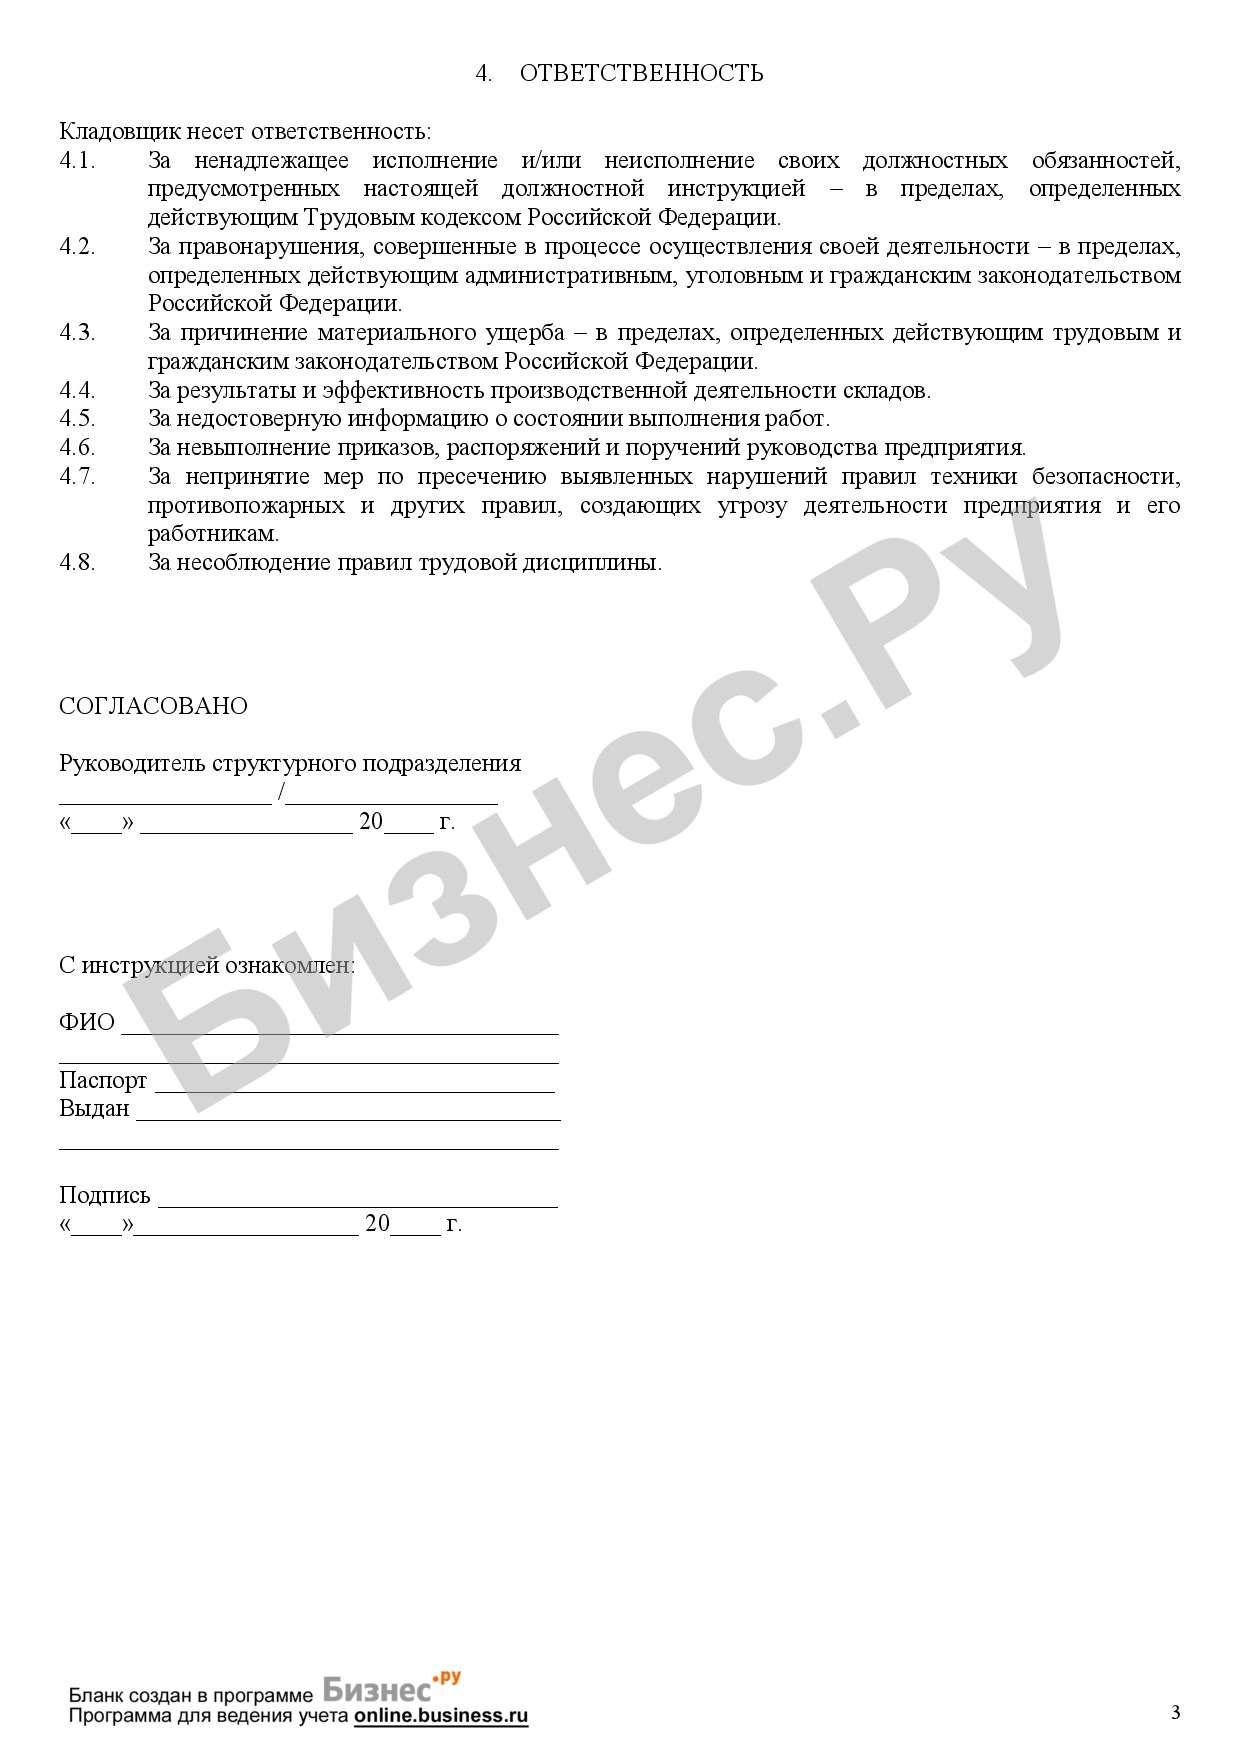 Кадры предприятия 300 образцов должностных инструкций